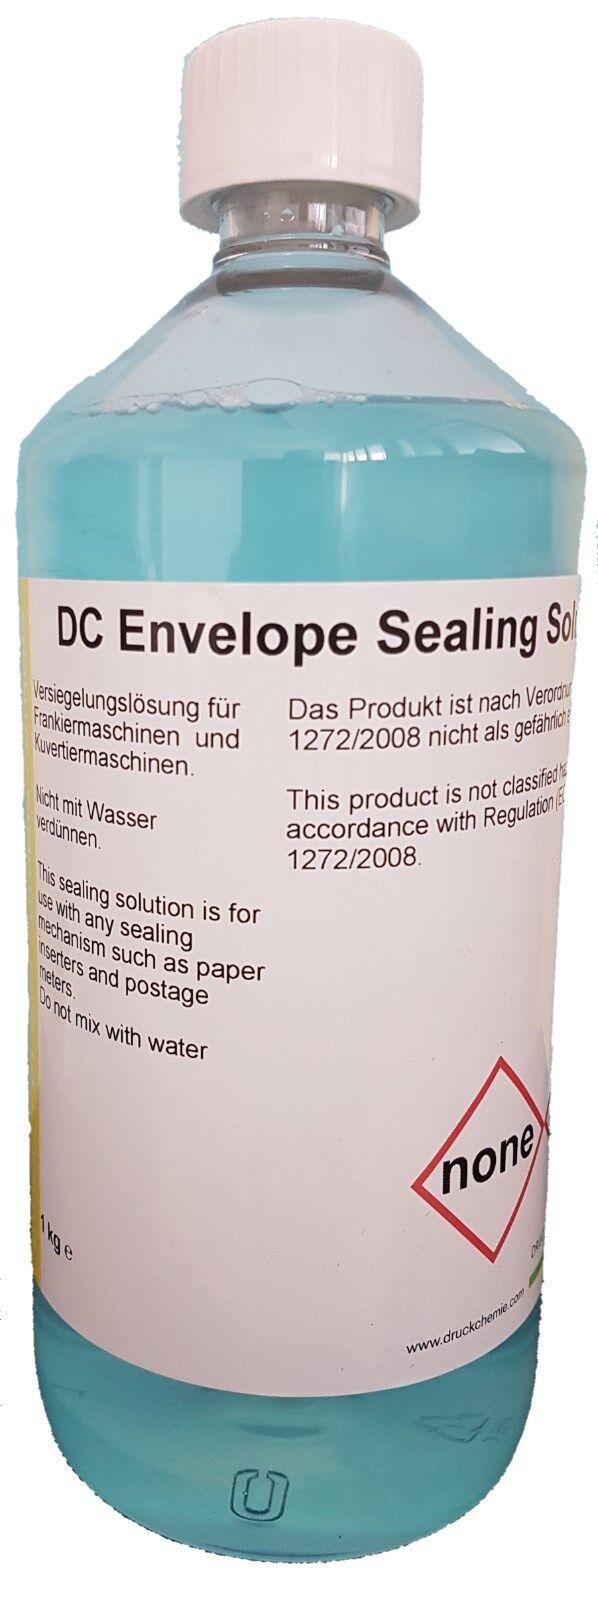 Verschließflüssigkeit Verschließflüssigkeit Verschließflüssigkeit - Sealing Fluid für KuGrüniermaschinen 12 x 1 Liter 647918